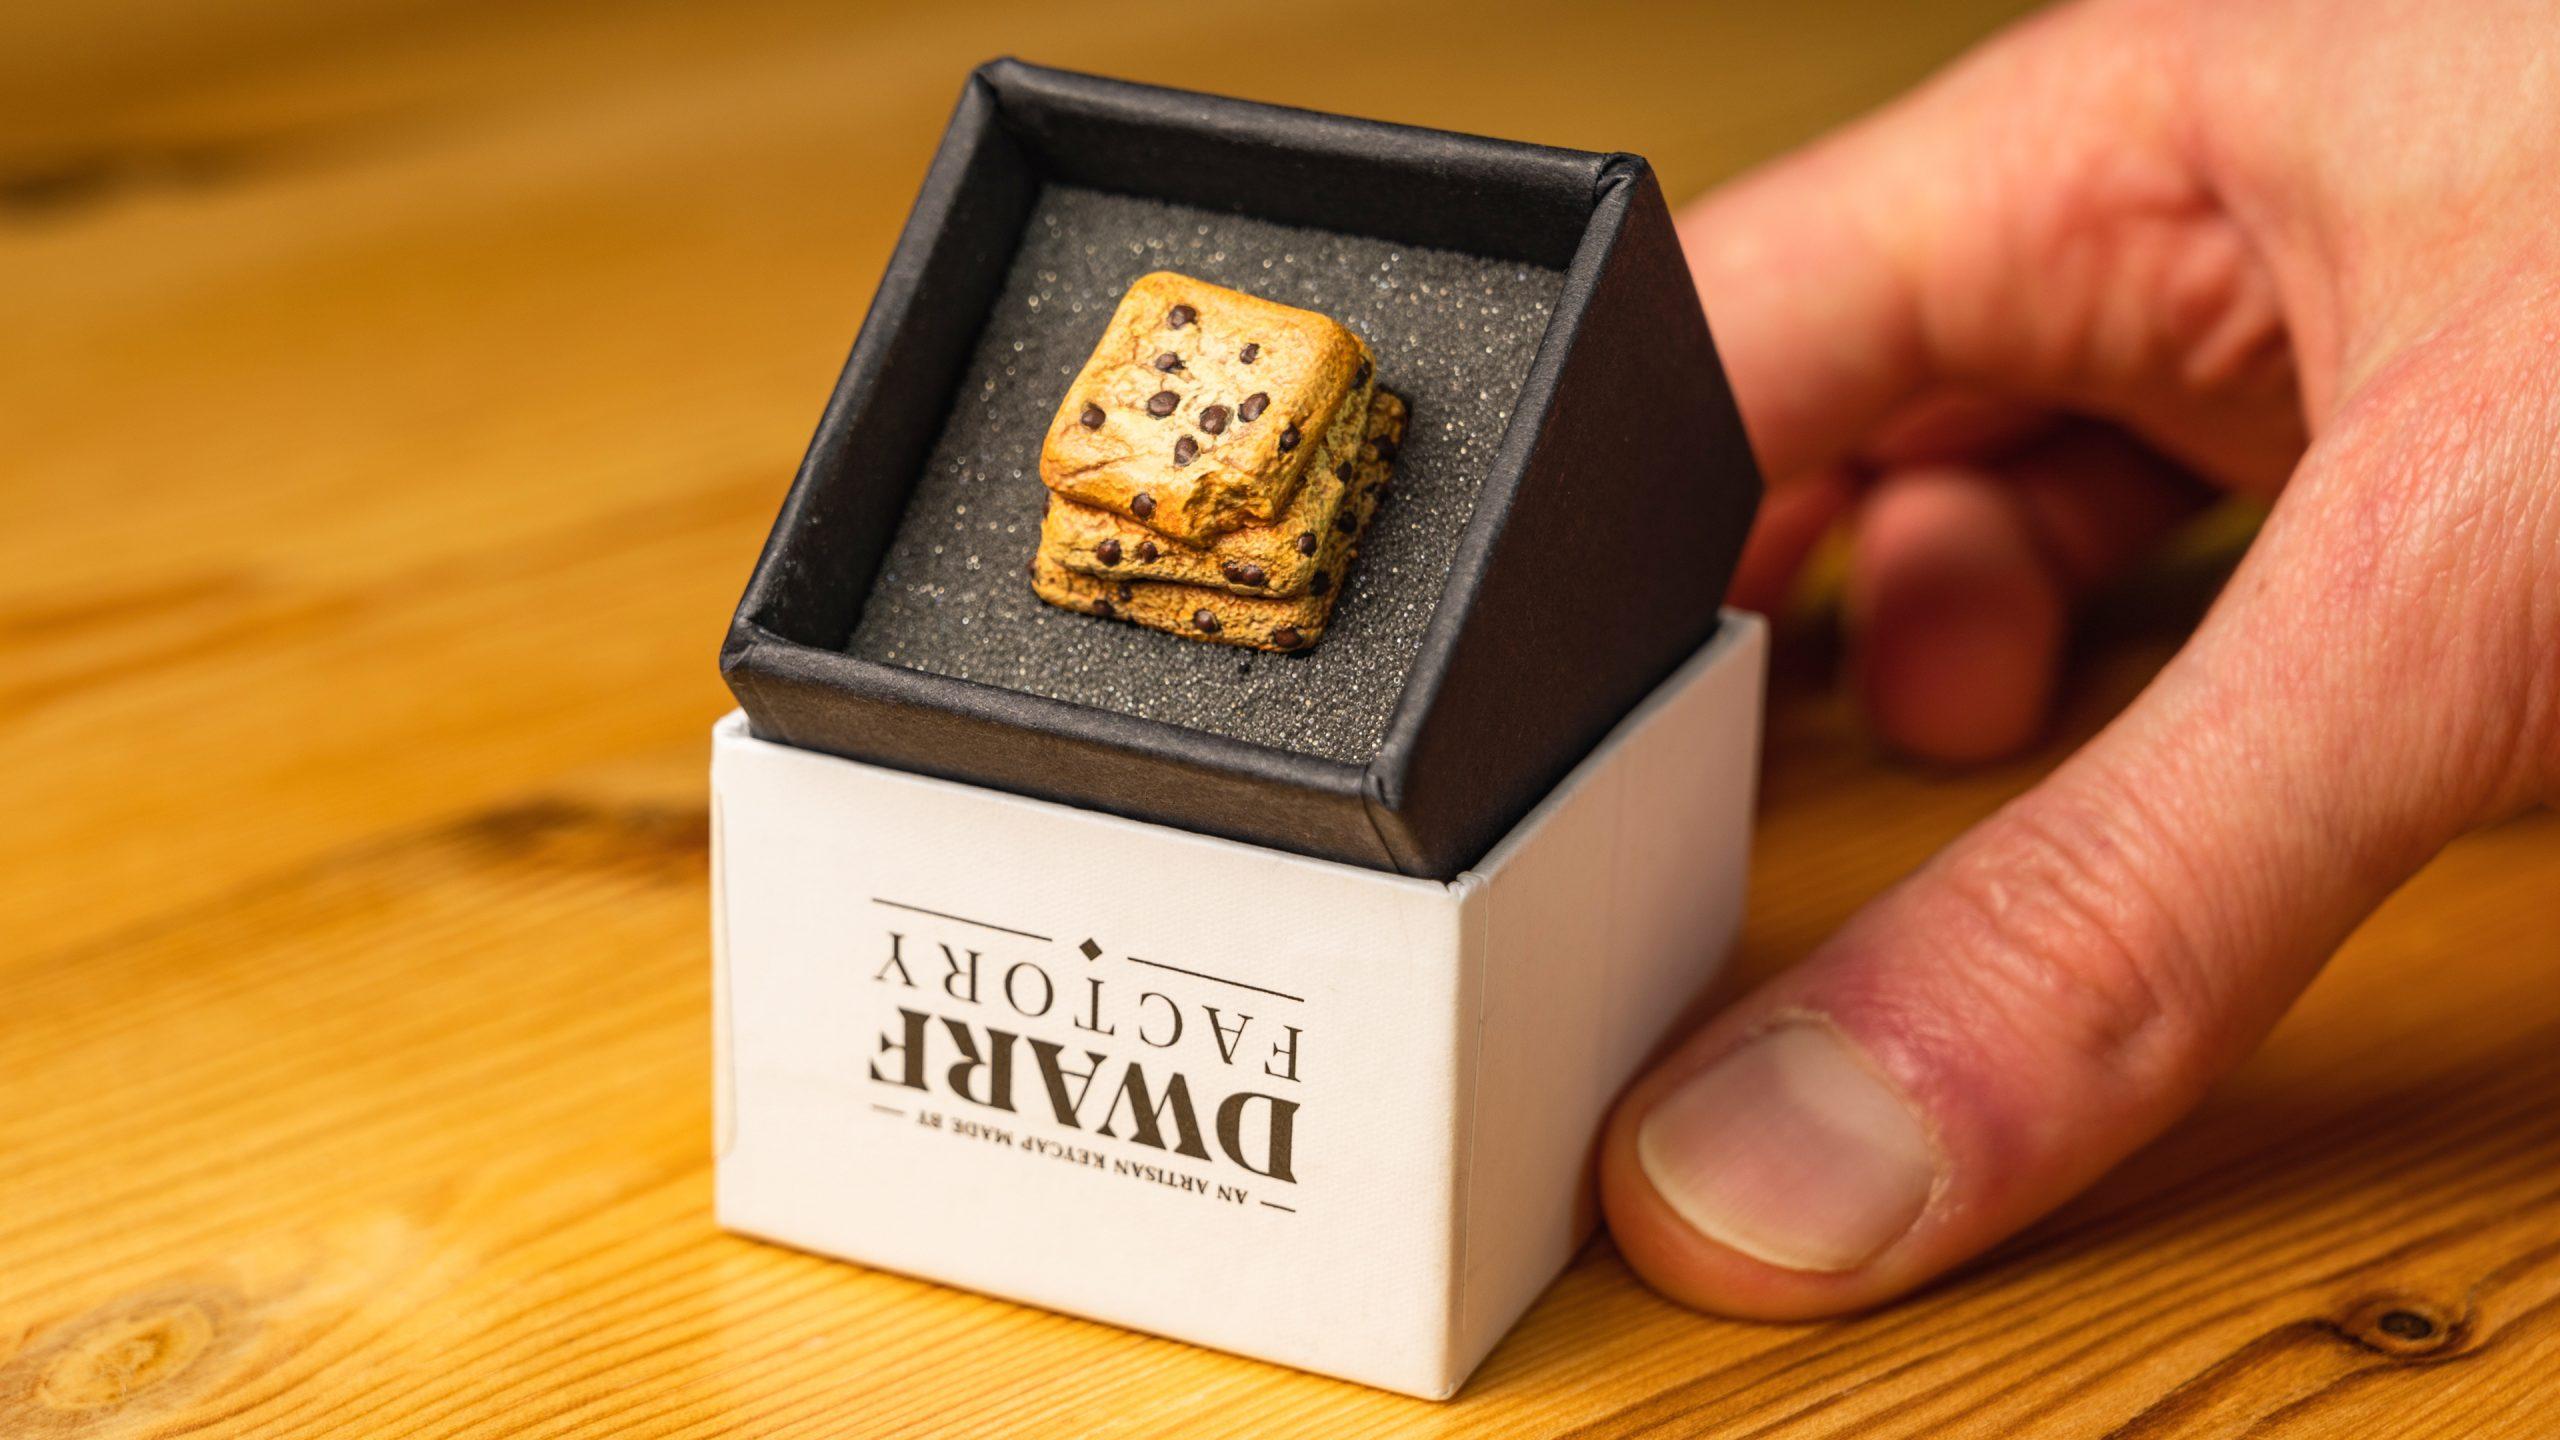 Foto van de Chippy Cookies custom keycap van Dwarf Factory in het daarvoor bedoelde doosje.